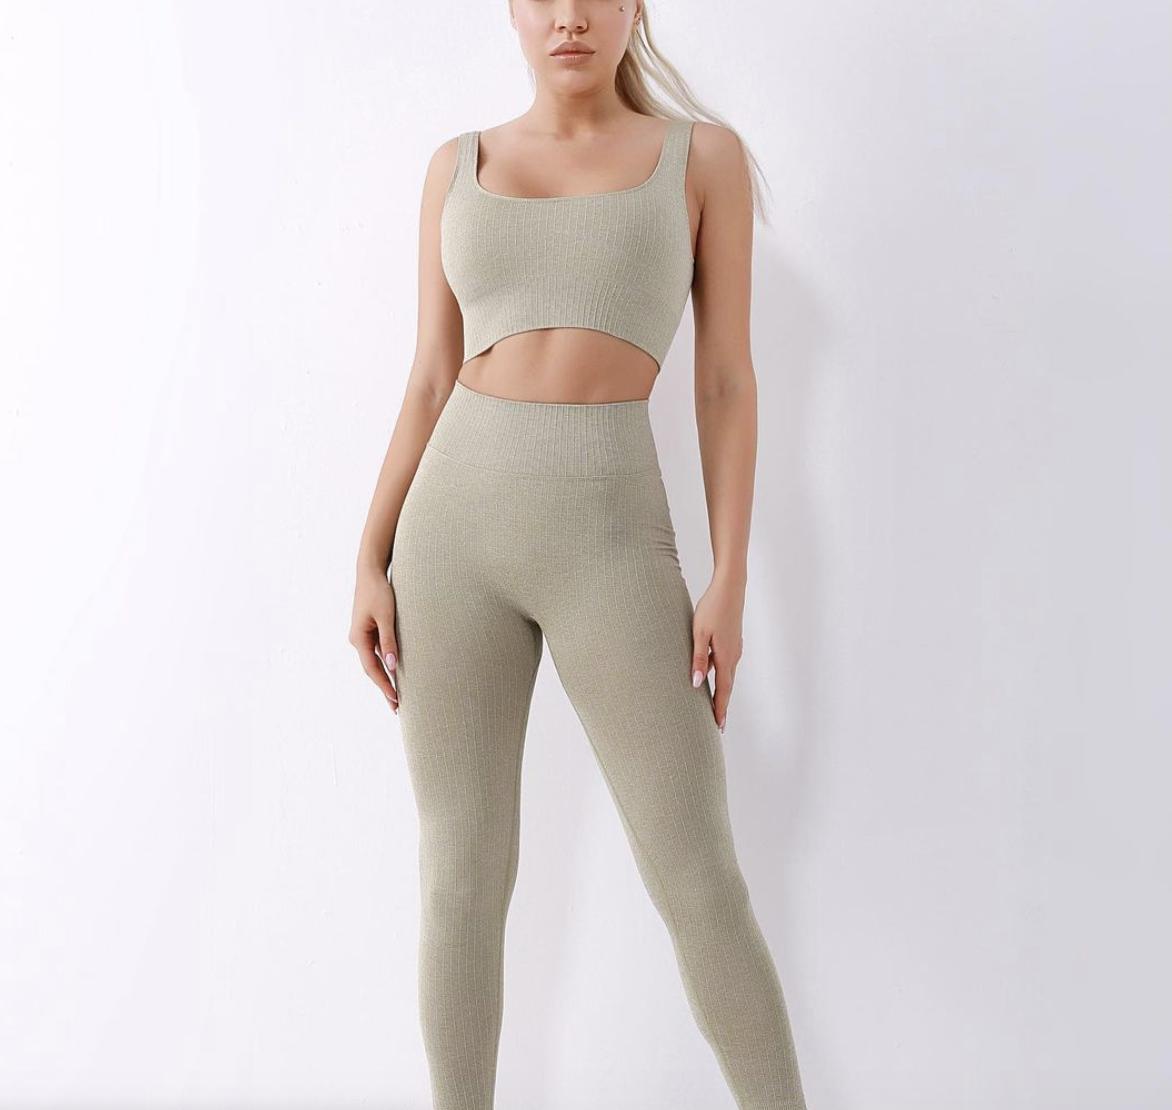 RUKALEN | Model Posing in Yoga Gear